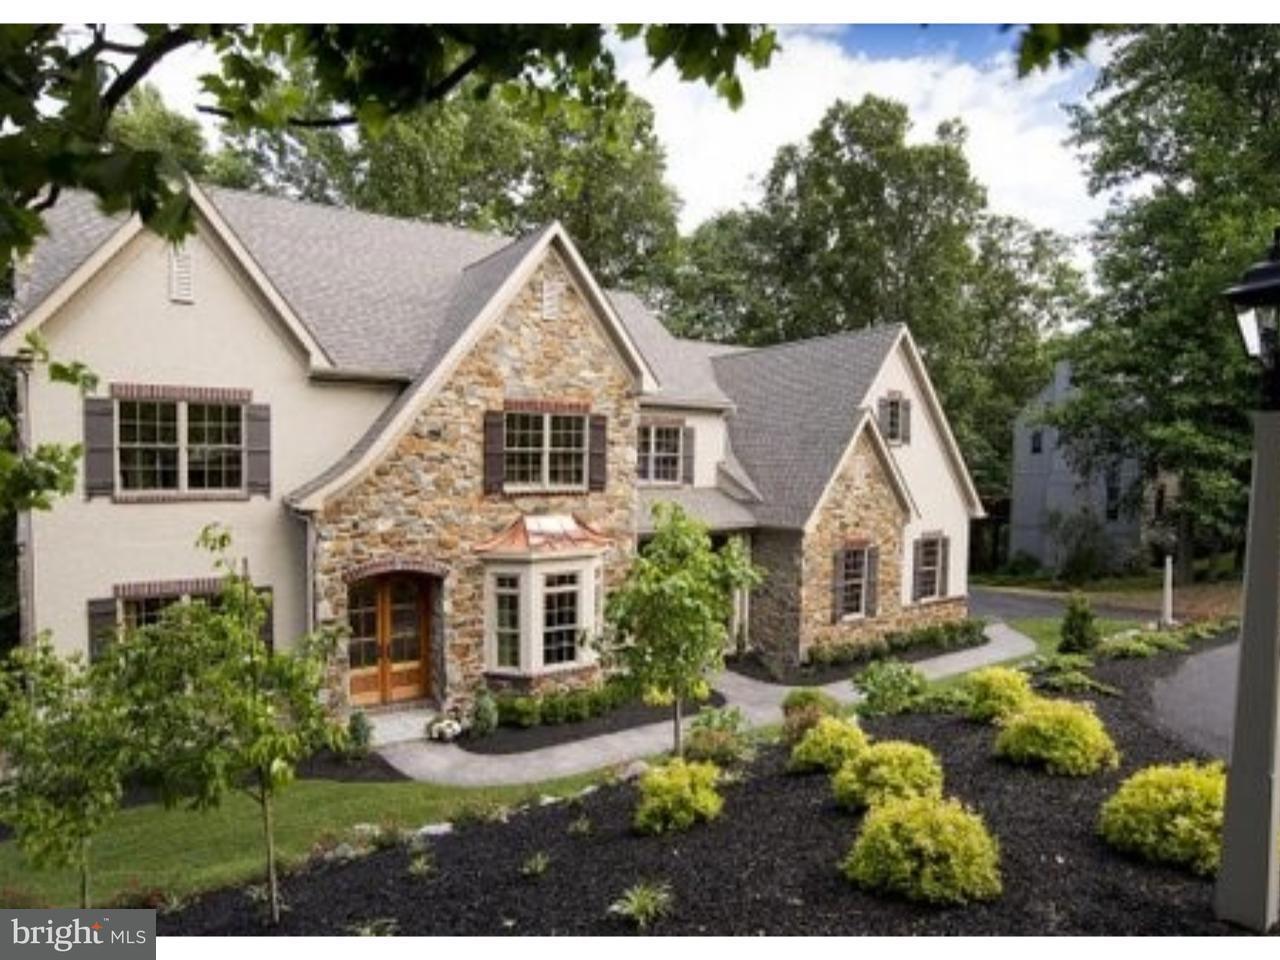 Частный односемейный дом для того Продажа на 225 HUNTERS Lane Devon, Пенсильвания 19333 Соединенные Штаты